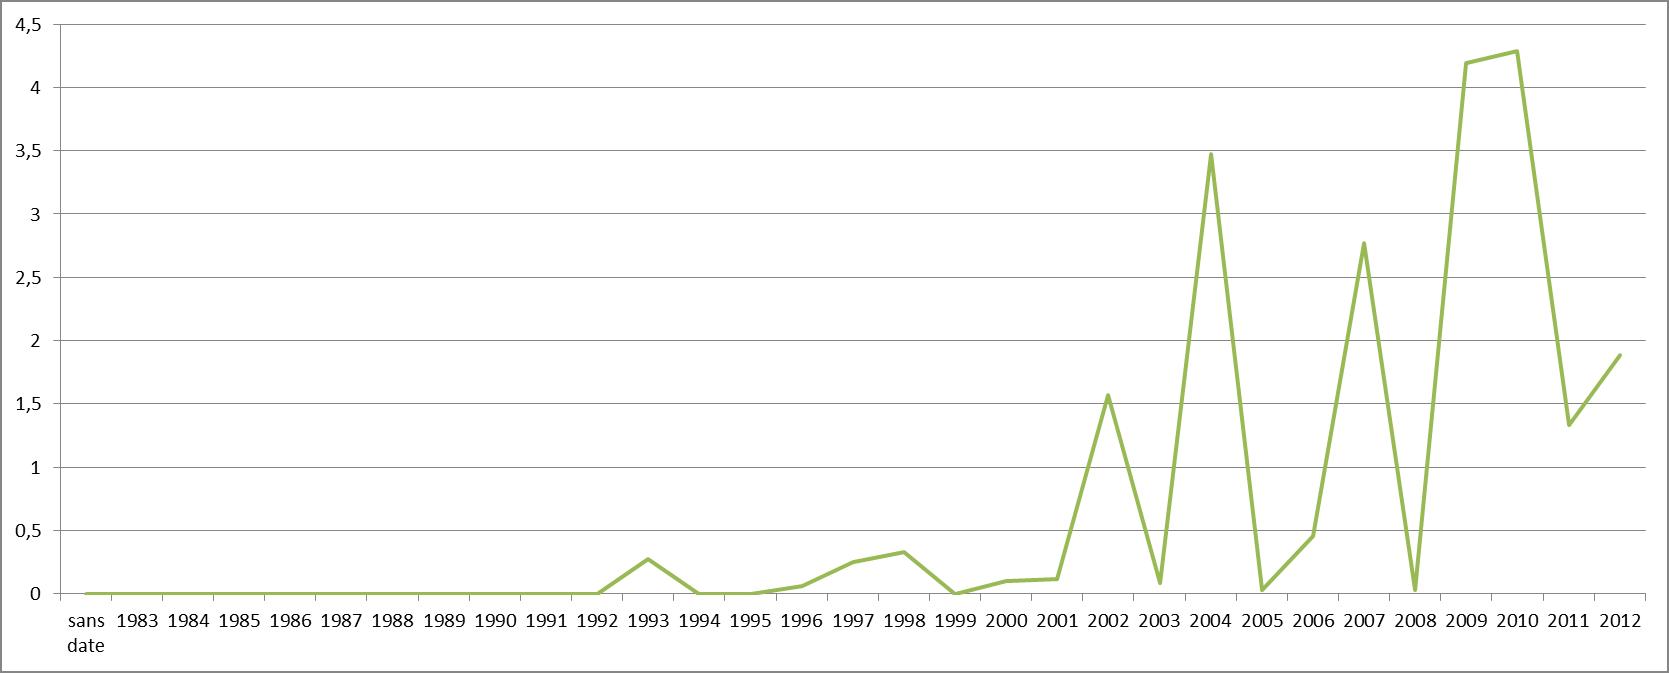 istribution temporelle des pics de présence de l'objet MIXTURES-COMBINATION-EFFECTS@ dans le corpus « Alarms and Controversies » (rapport entre occurrences et volume de texte par année)